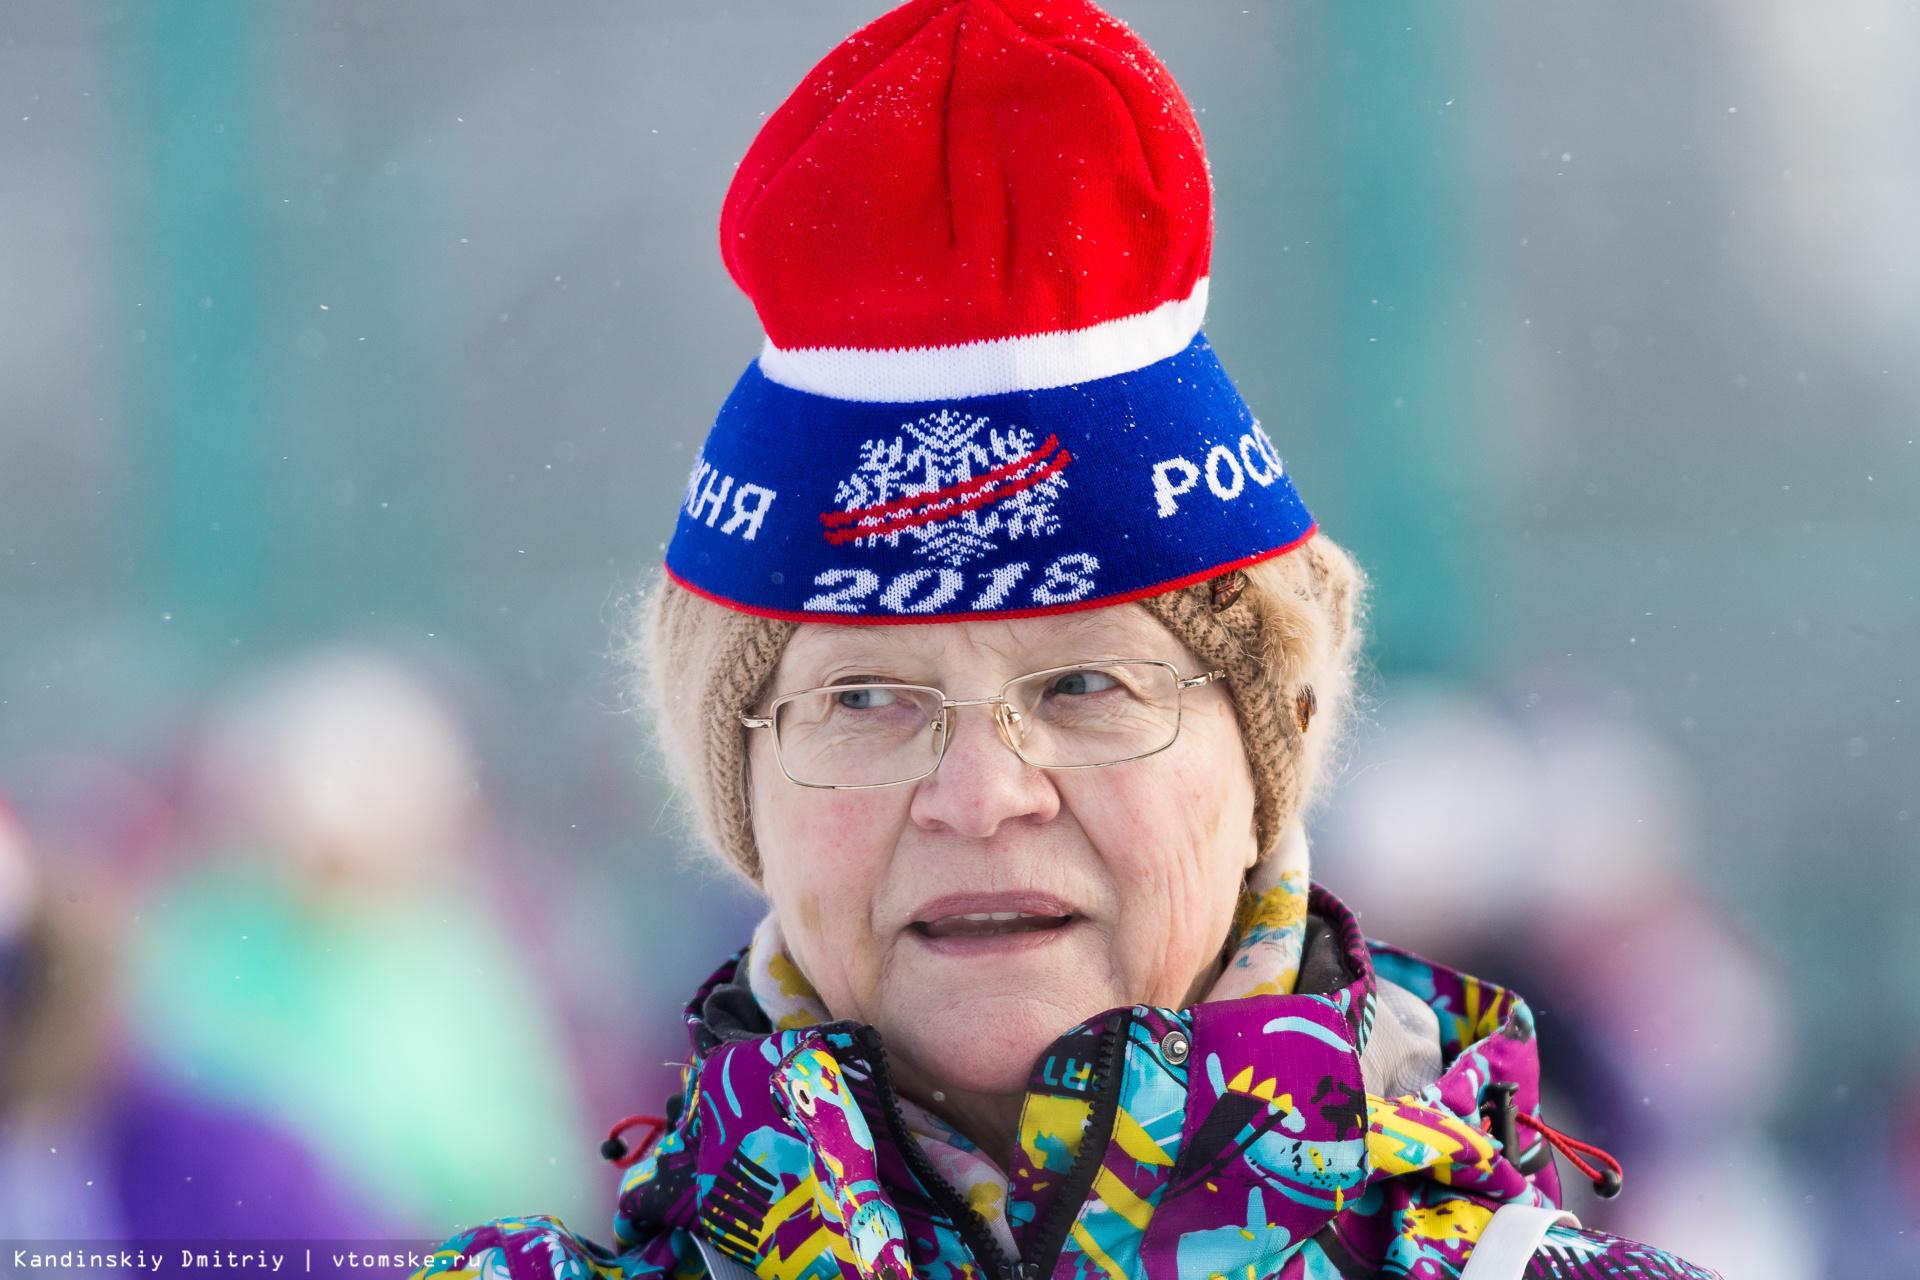 Выиграть гонку: почти 3 тыс томичей вышли на «Лыжню России-2018»